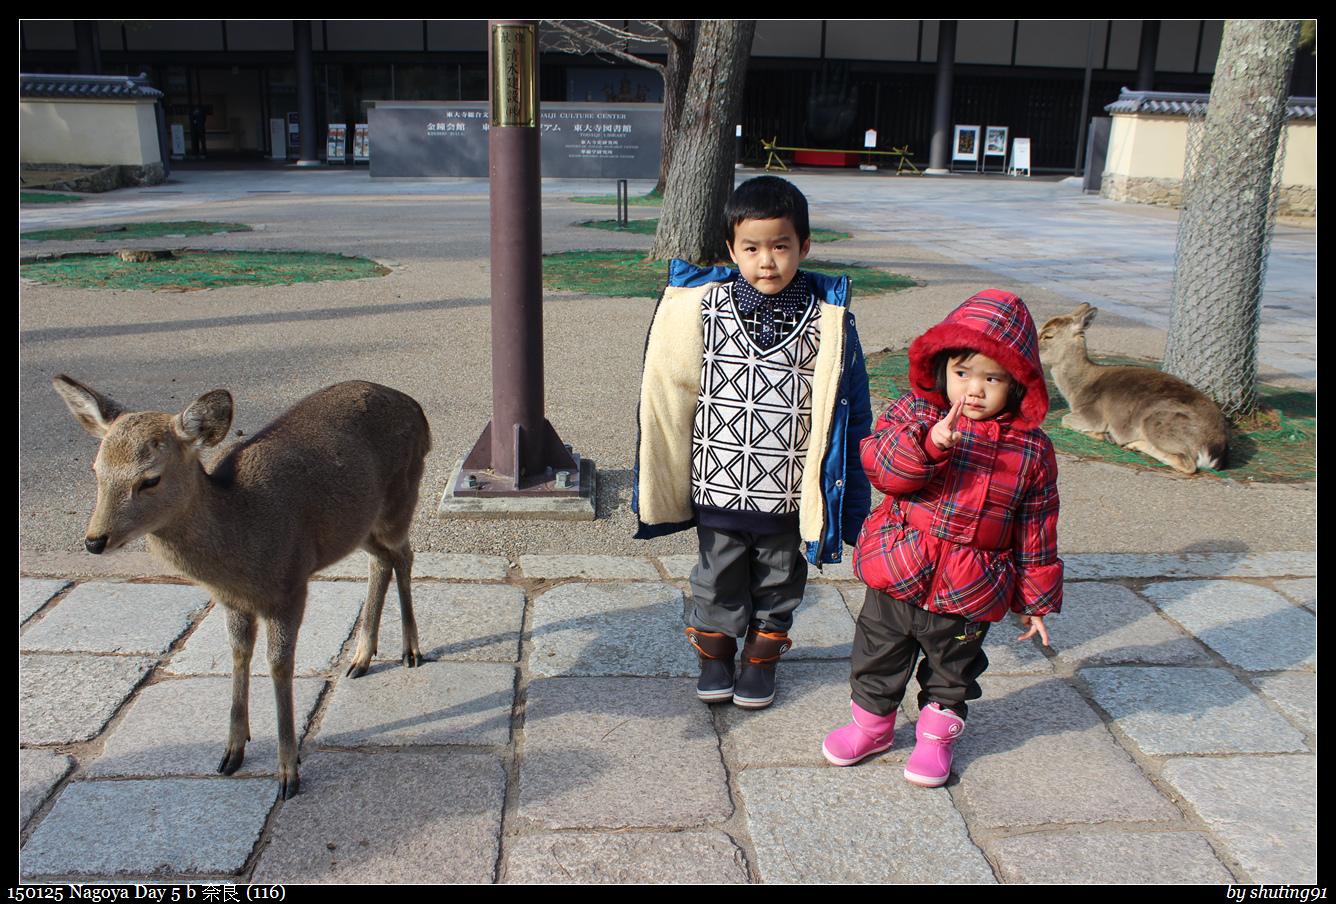 150125 Nagoya Day 5 b 奈良 (116).jpg